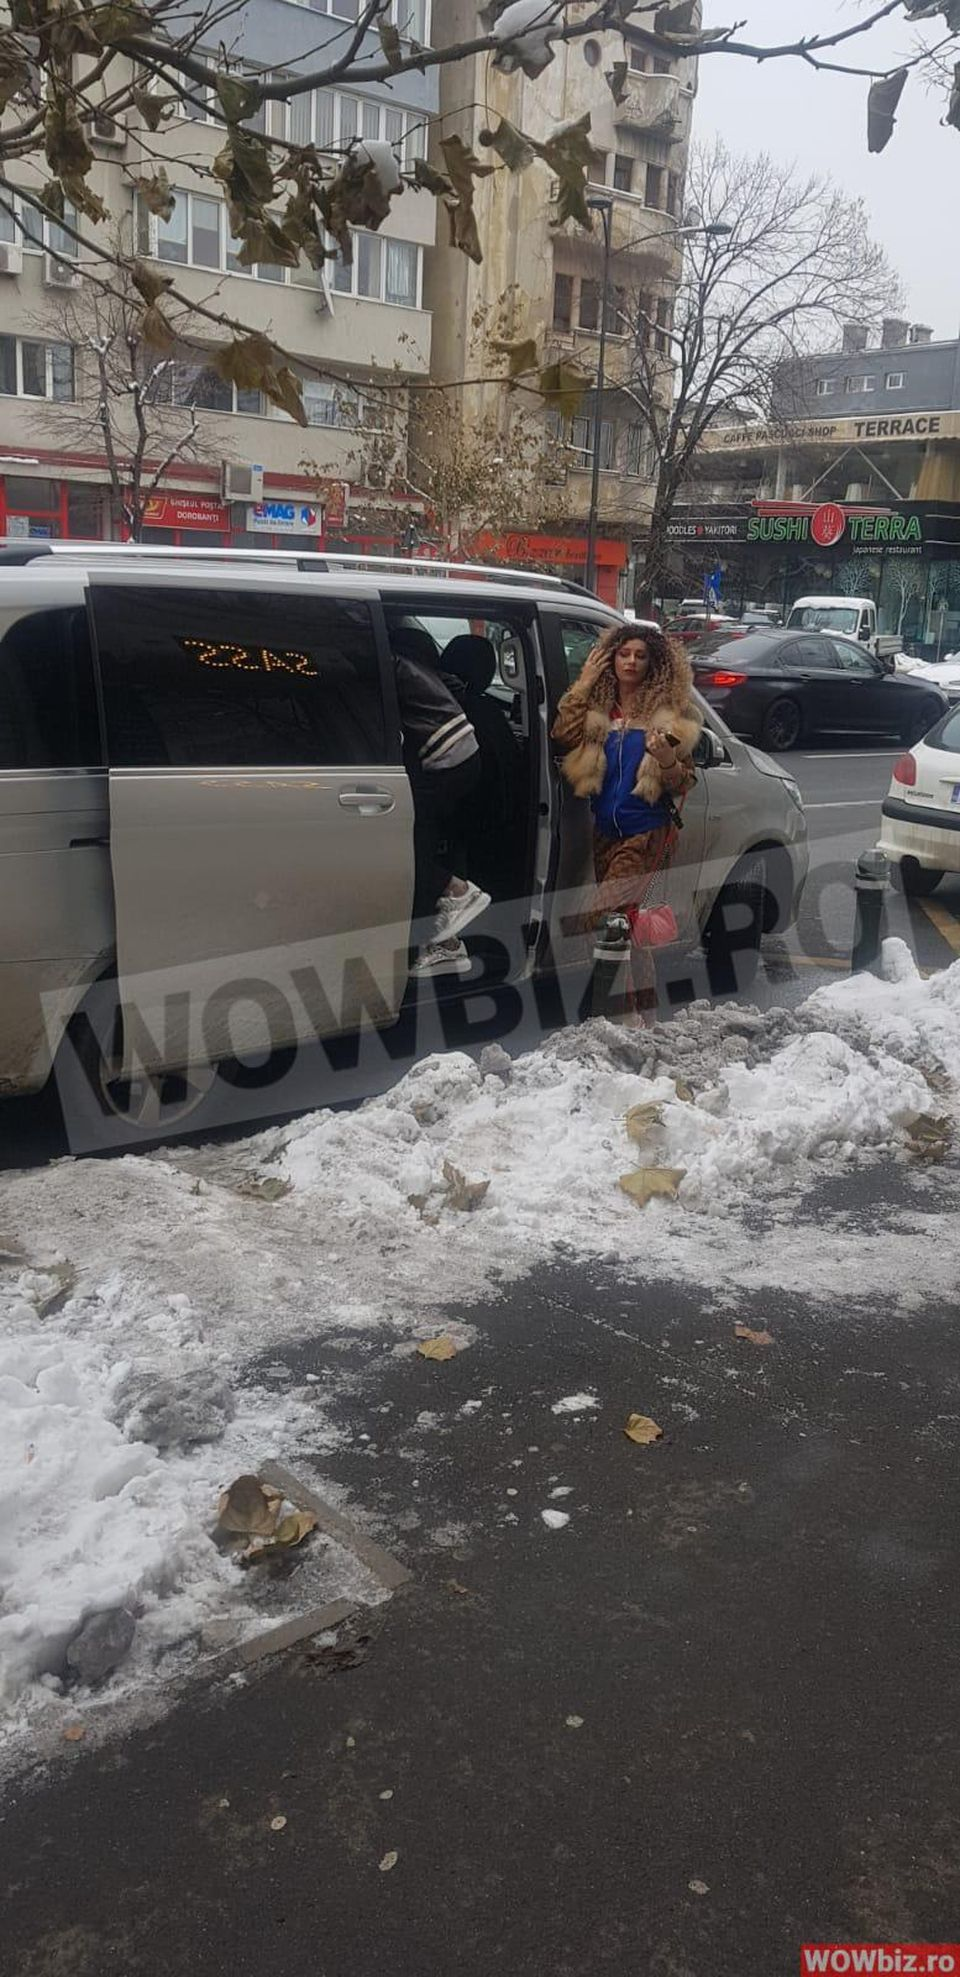 Anamaria Prodan, apariţie şocantă în mijlocul străzii! Nimeni nu a recunoscut-o cu noua ei coafură! Nu este vorba de frizura palmier